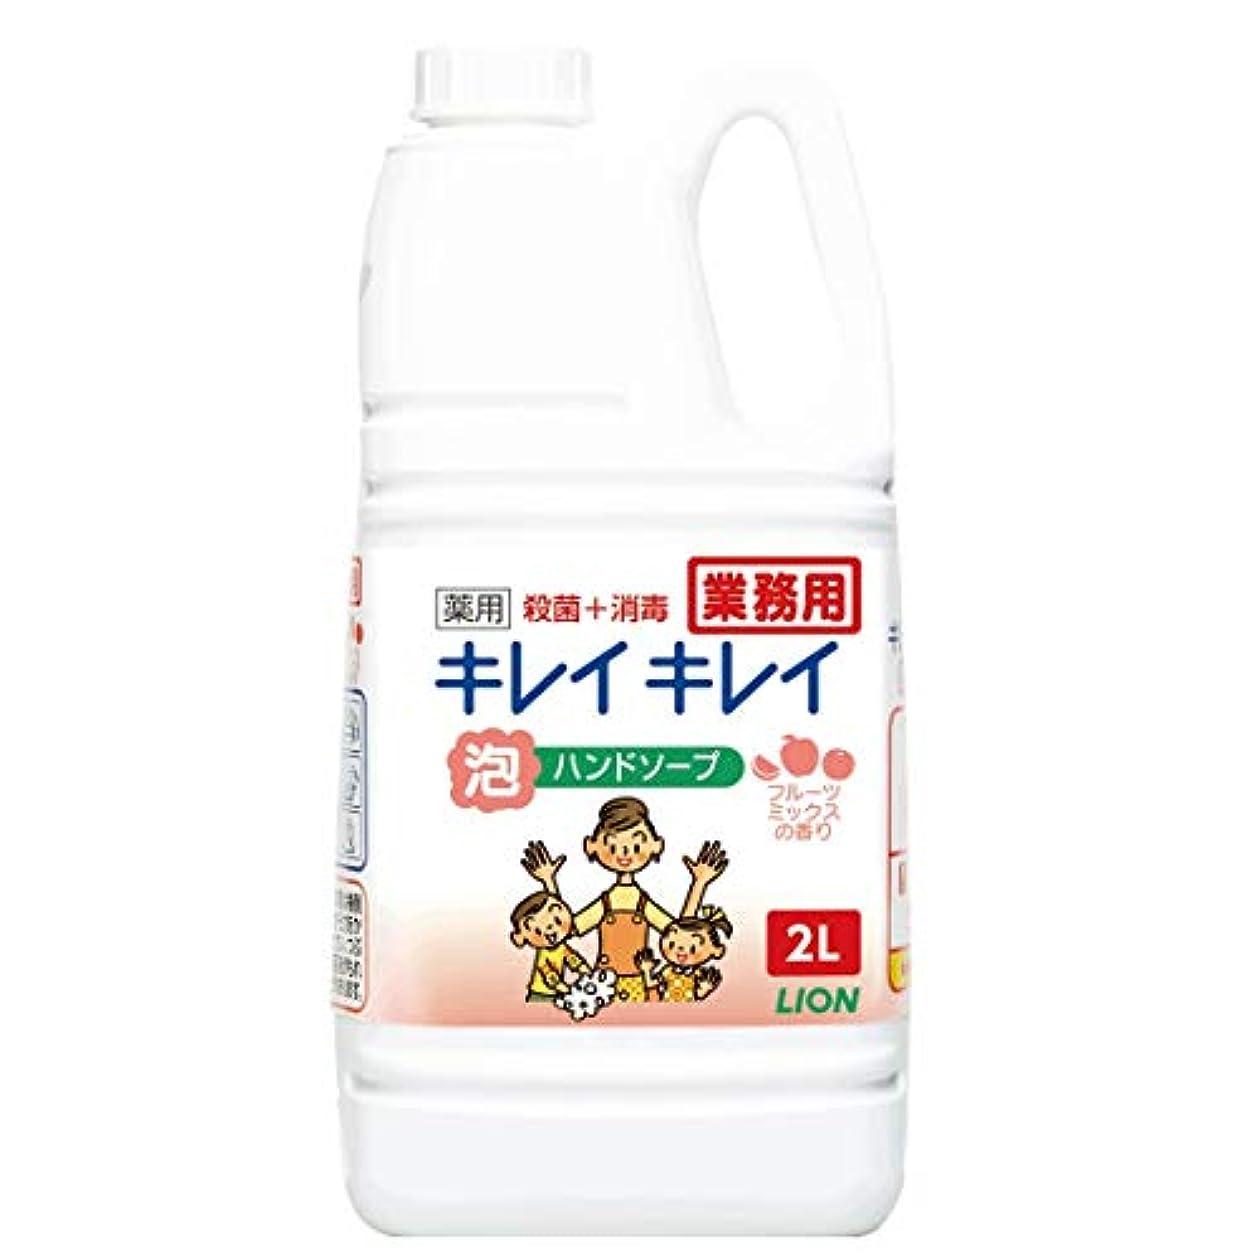 鋭く凶暴なのぞき見【大容量】キレイキレイ 薬用泡ハンドソープ フルーツミックスの香り 2L